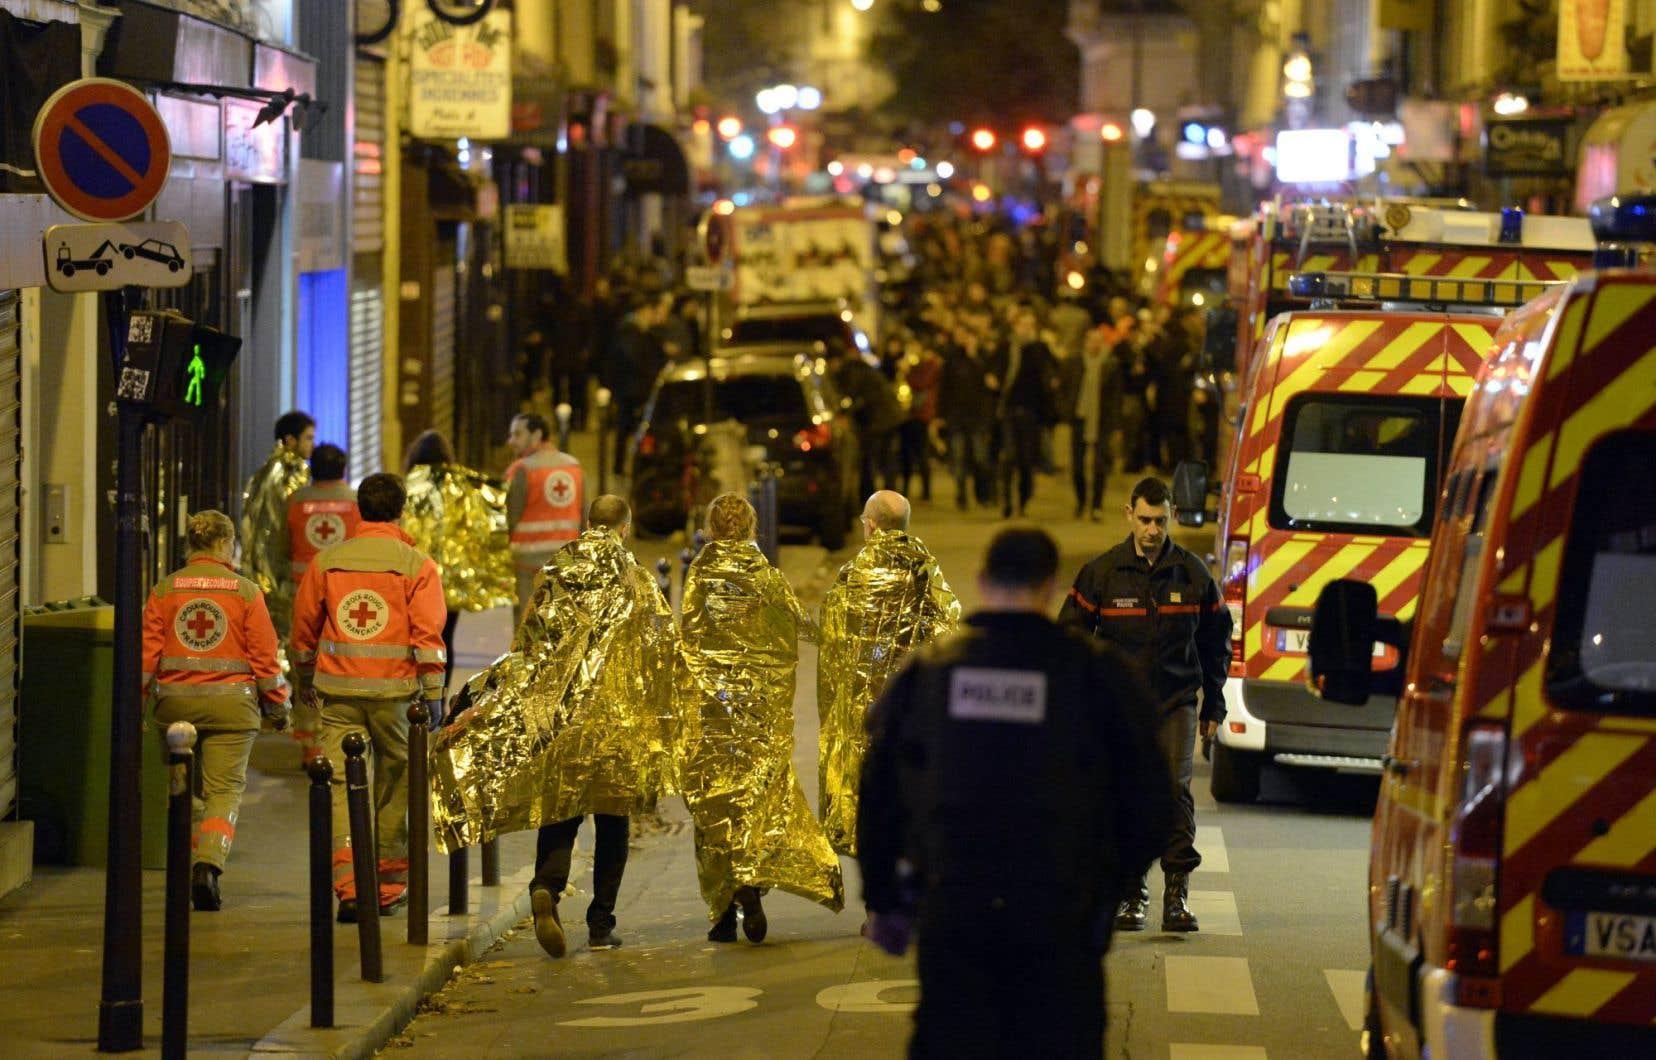 Une avancée qui intervient quelques jours avant la commémoration ce week-end en France des attentats de Paris.